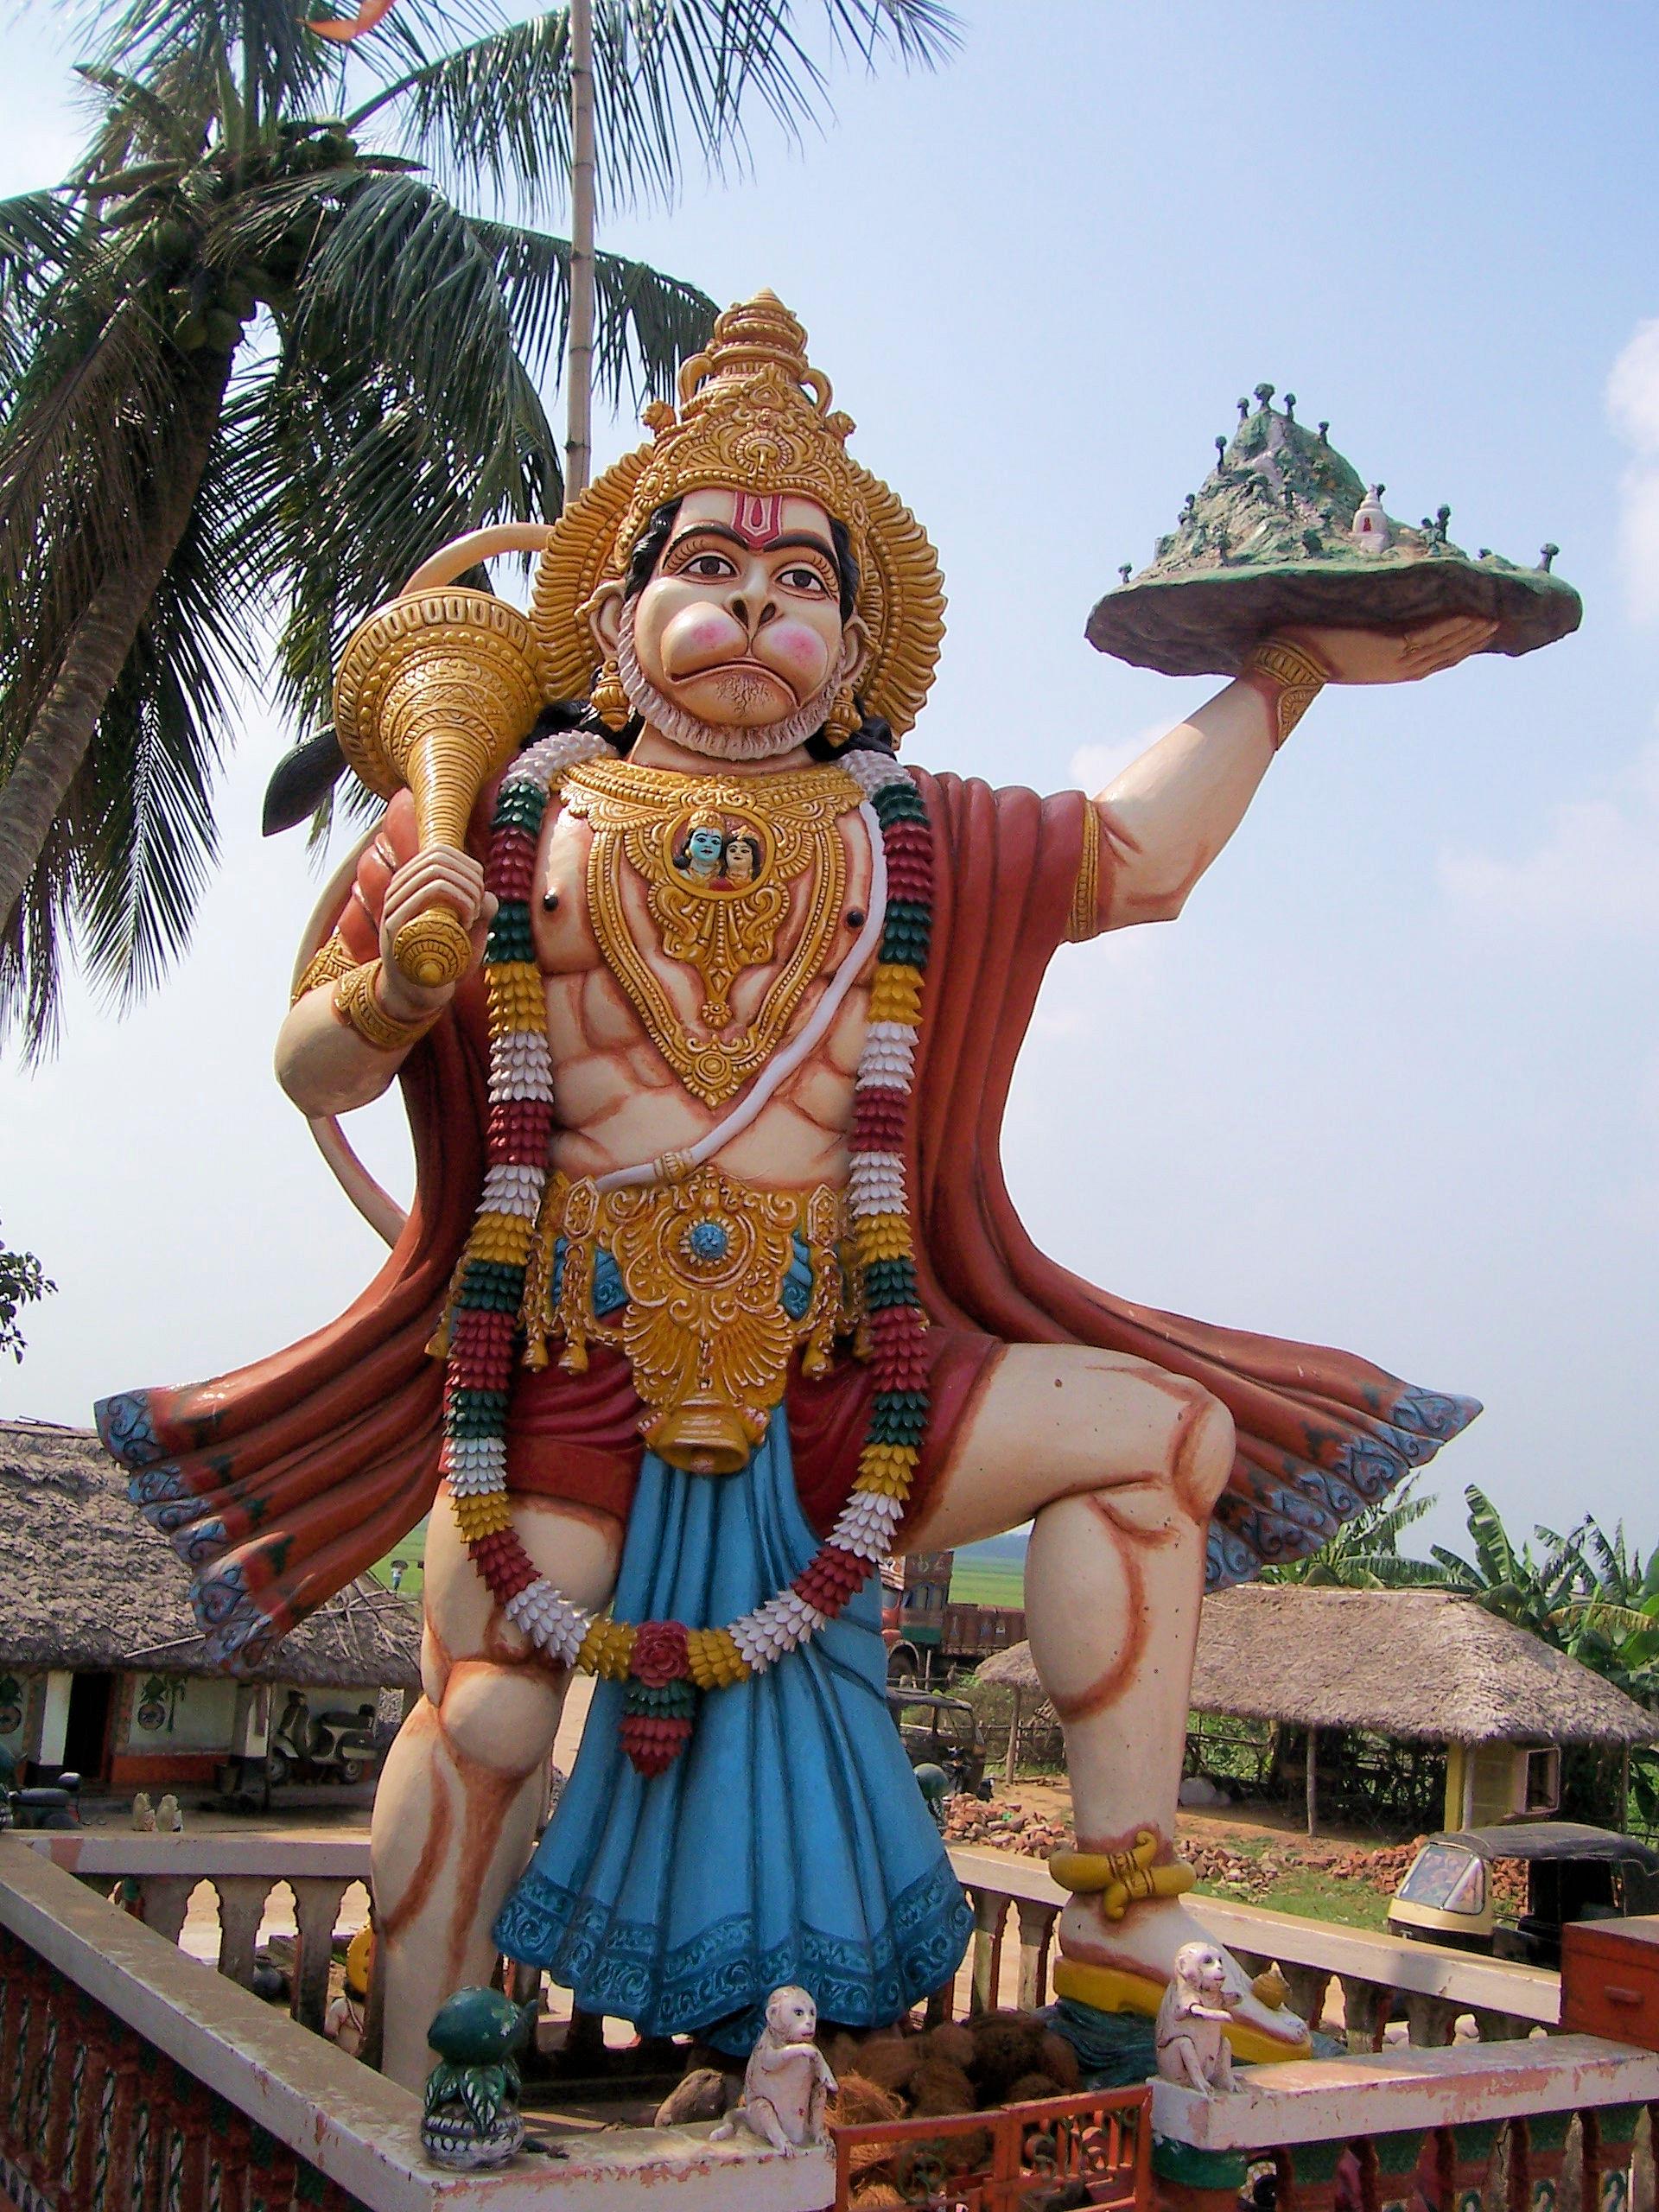 Hanuman_Statue_In_Haladiagada_Kendrapada. Foto Sujit kumar - Wikimedia Commons.